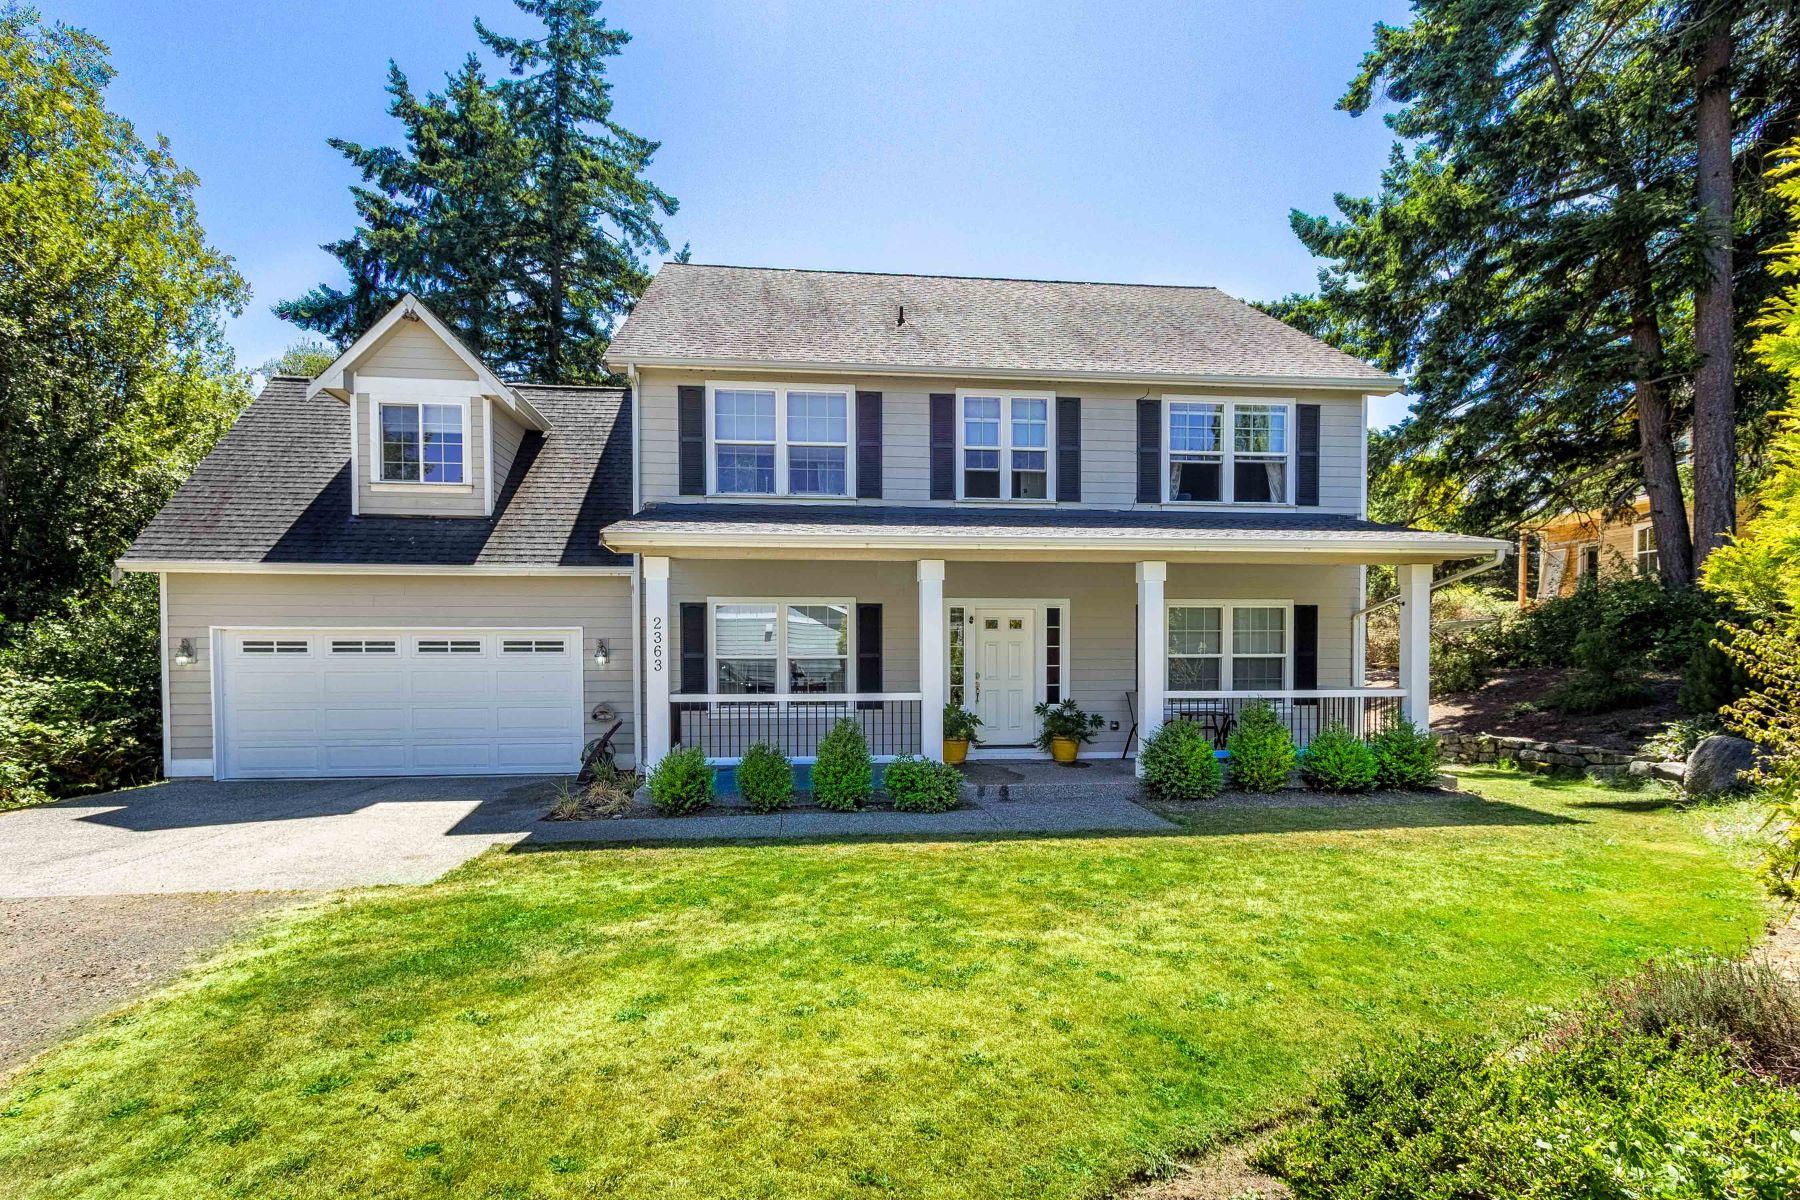 واحد منزل الأسرة للـ Sale في Island Living in Sunny Fort Ward 2363 Robertson Ave NE Bainbridge Island, Washington, 98110 United States